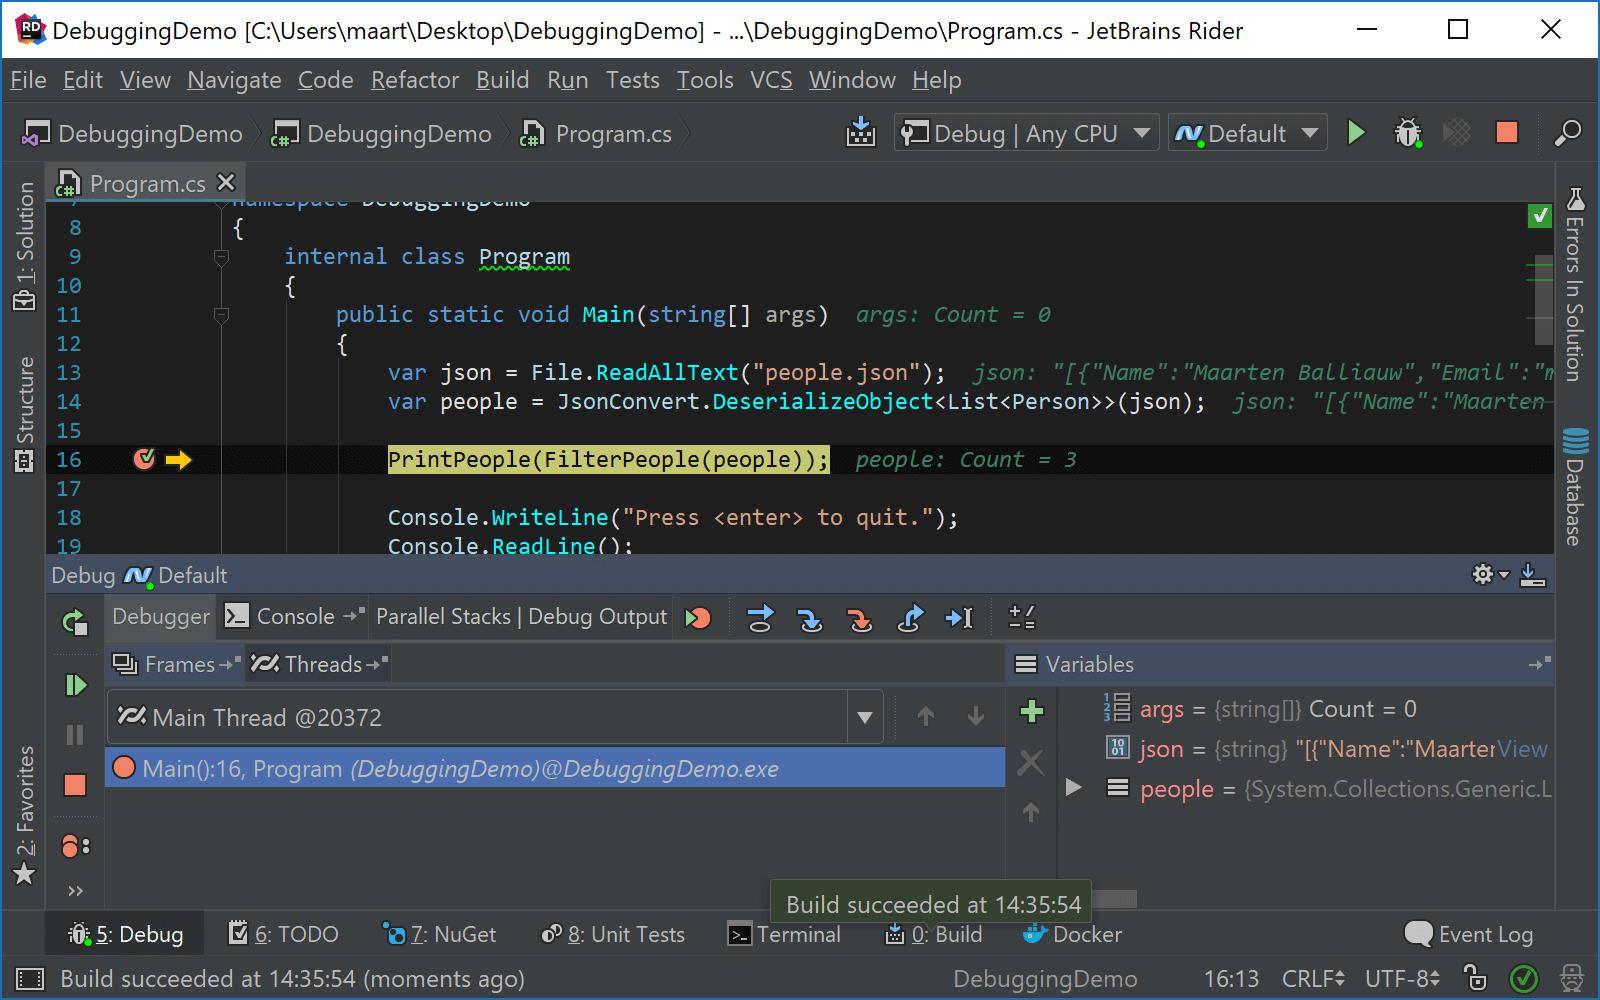 JetBrains Rider: Using Alt+Enter menu while debugging